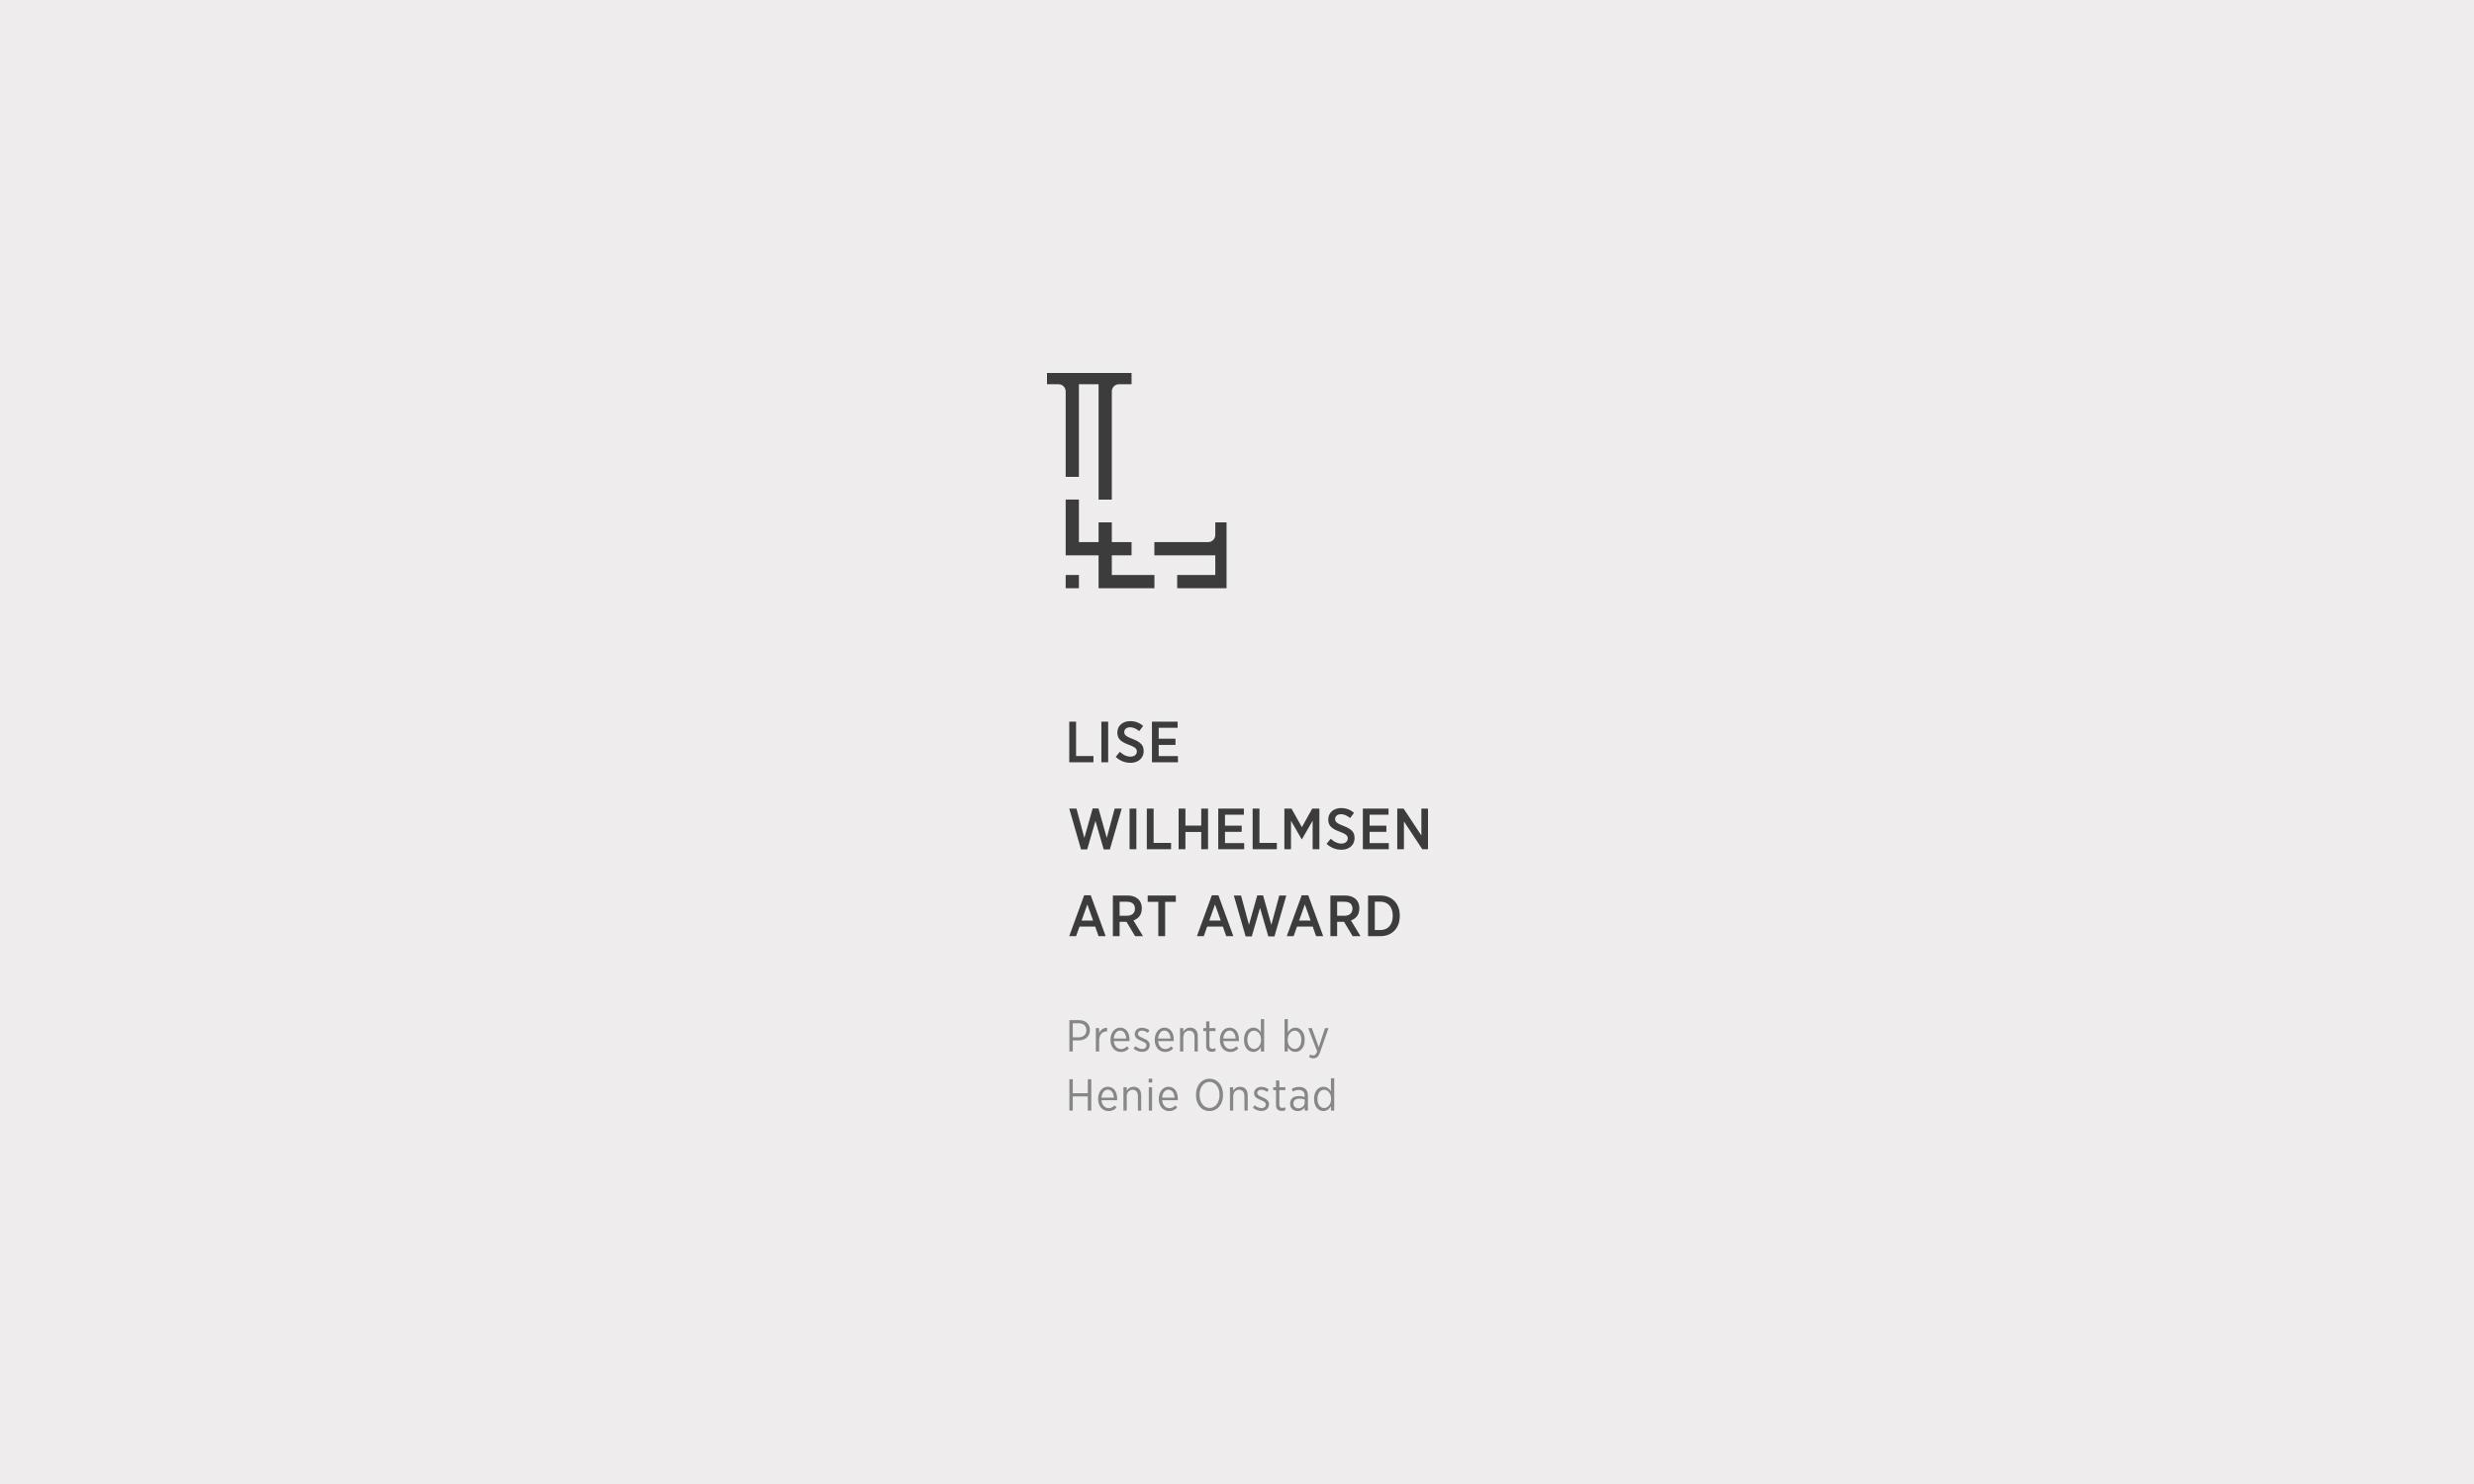 Lise Wilhelmsen Art Award dark vertical Logo, with Henie Onstad